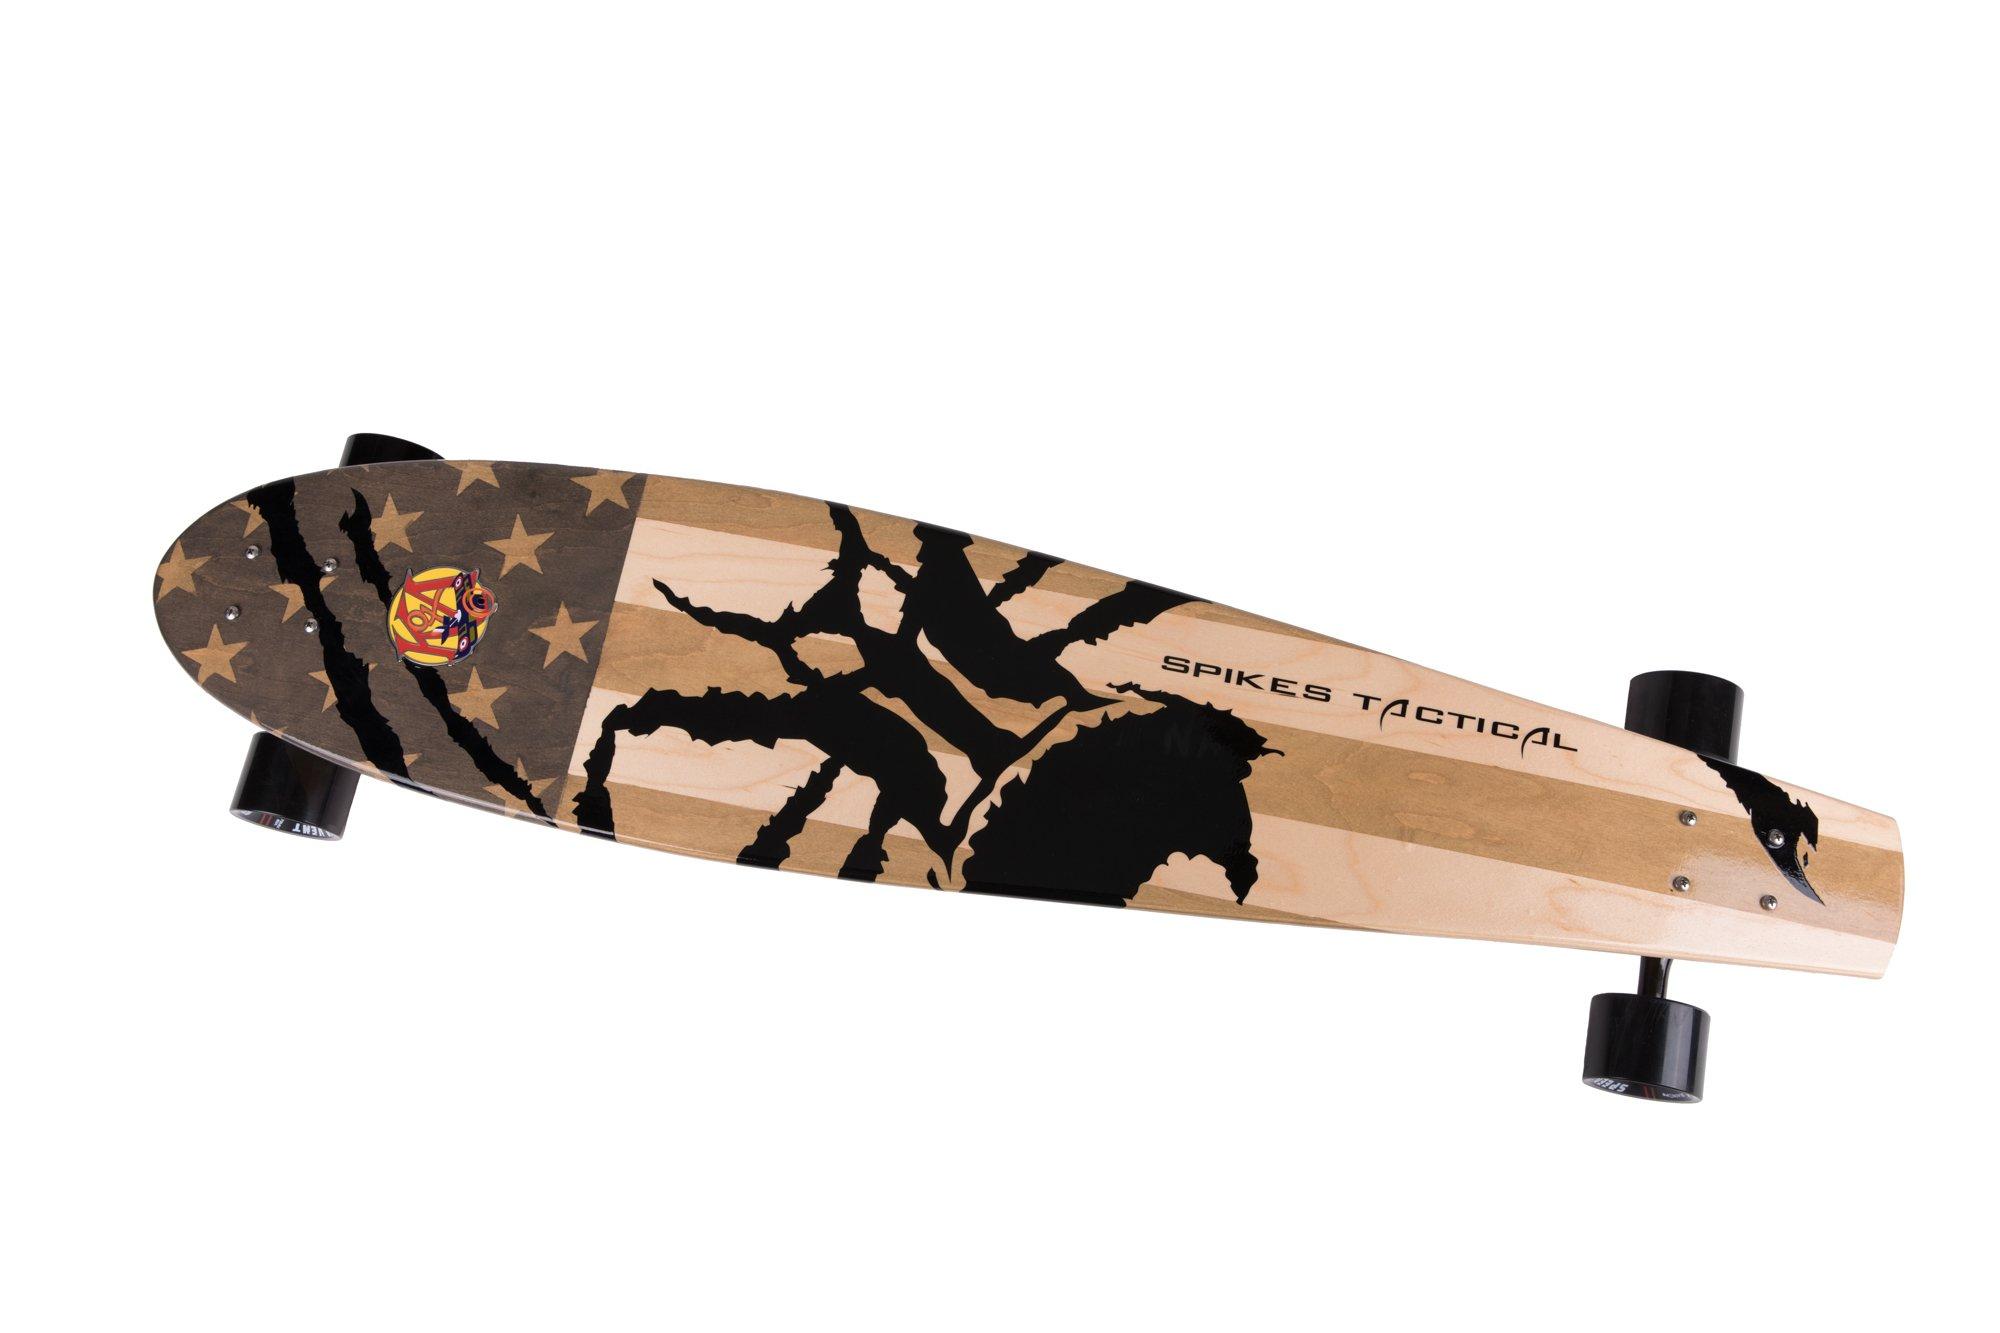 ST Kota Skateboard